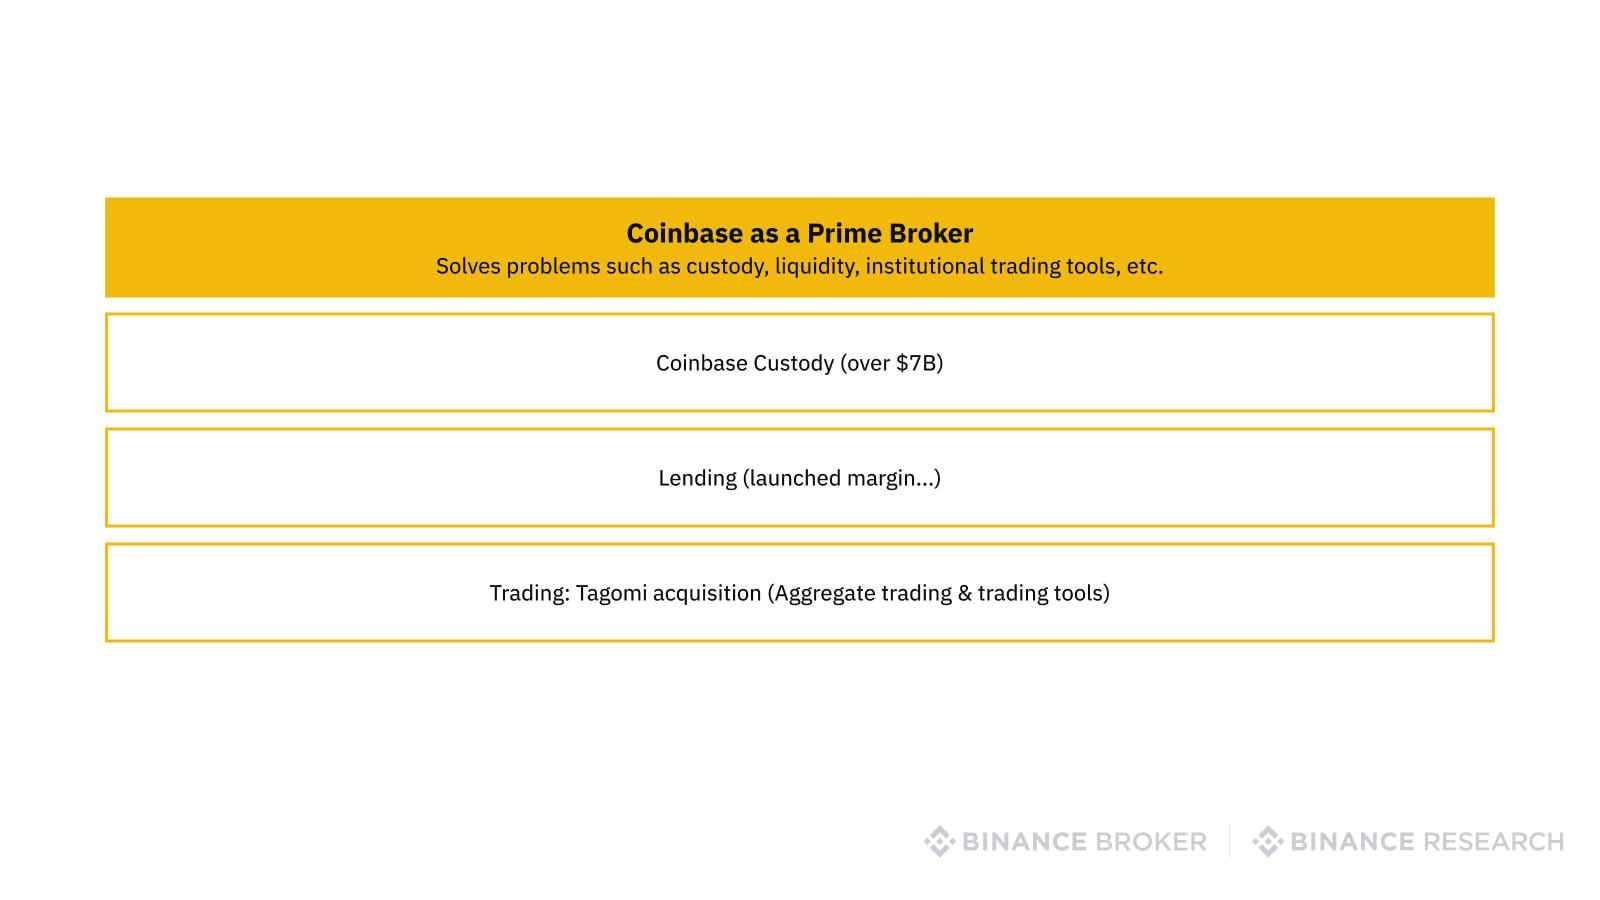 Coinbase as a prime broker